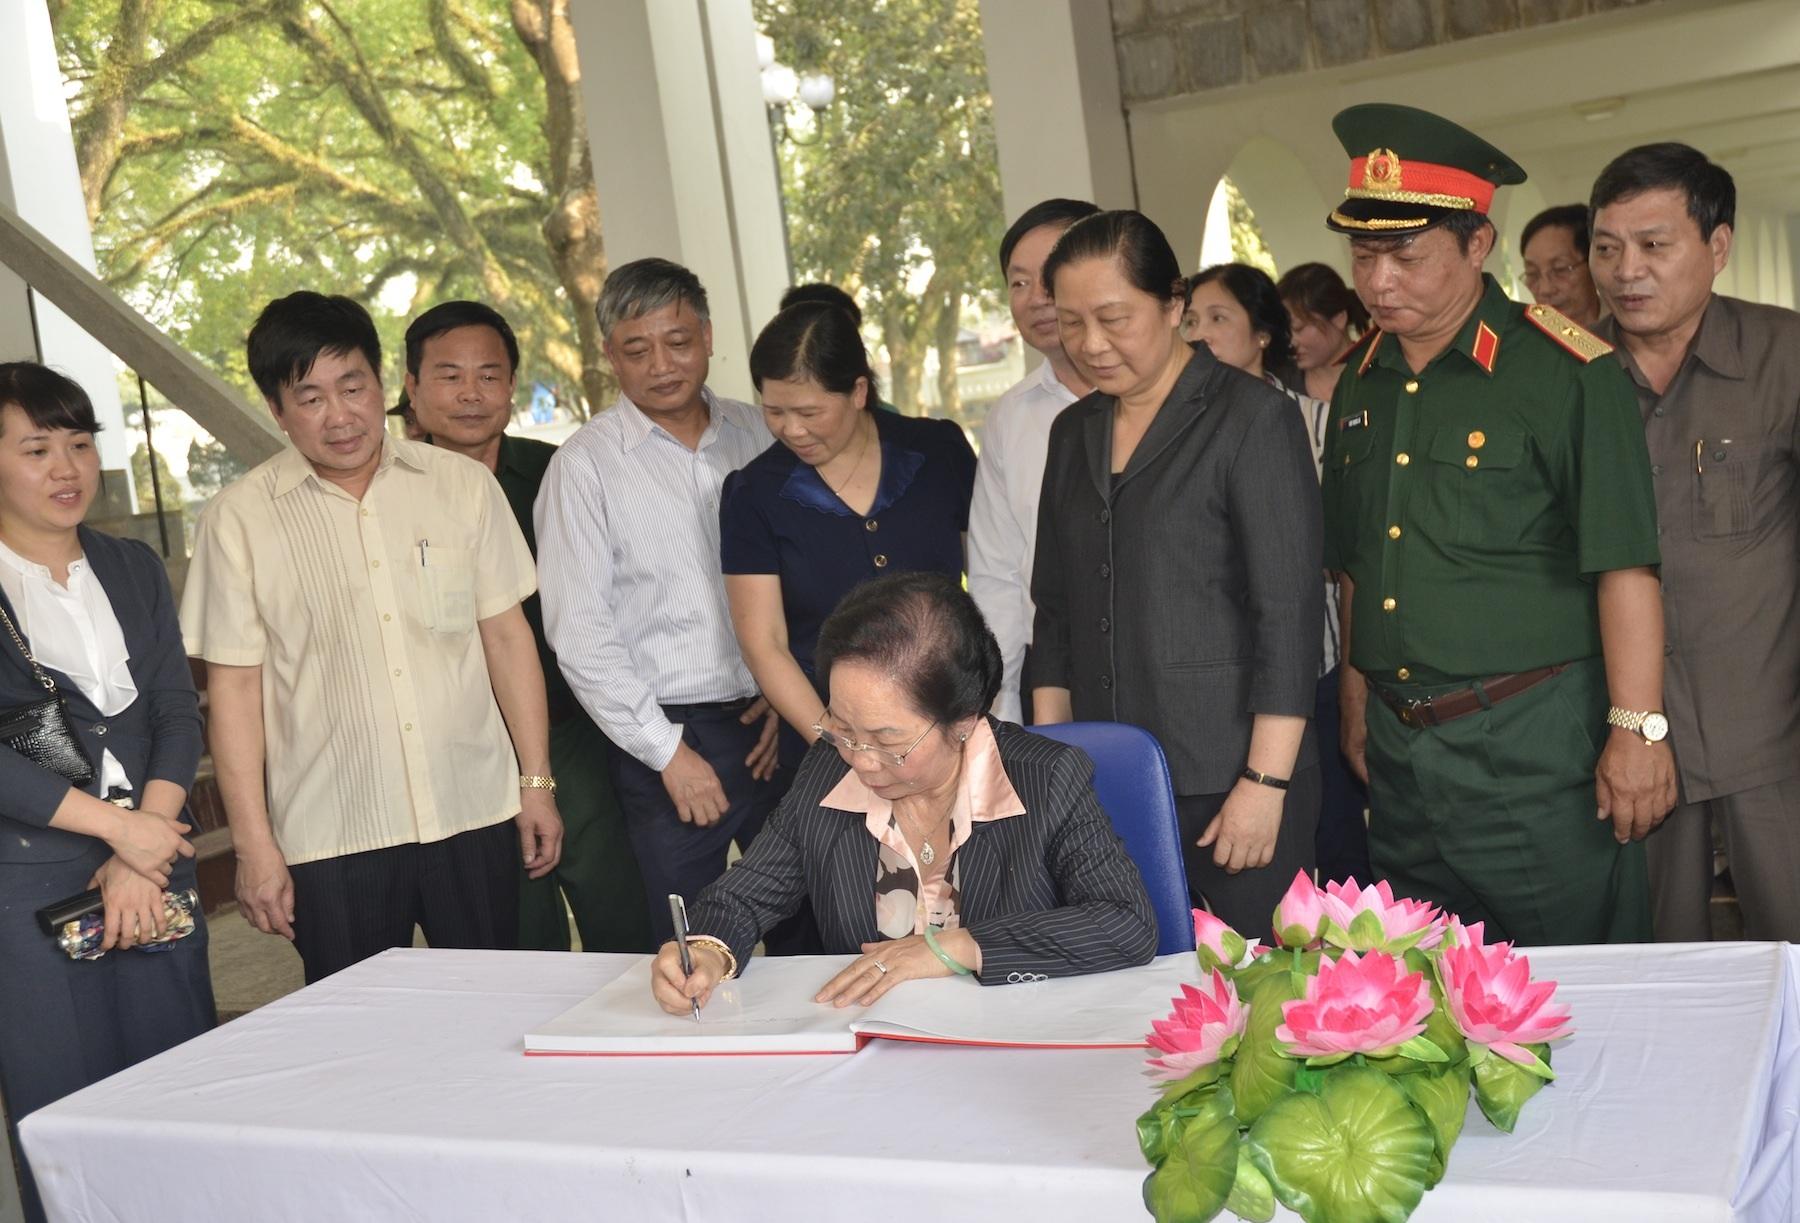 Phó Chủ tịch nước thắp hương trên mộ các chiến sĩ liệt sĩ Điện Biên năm xưa